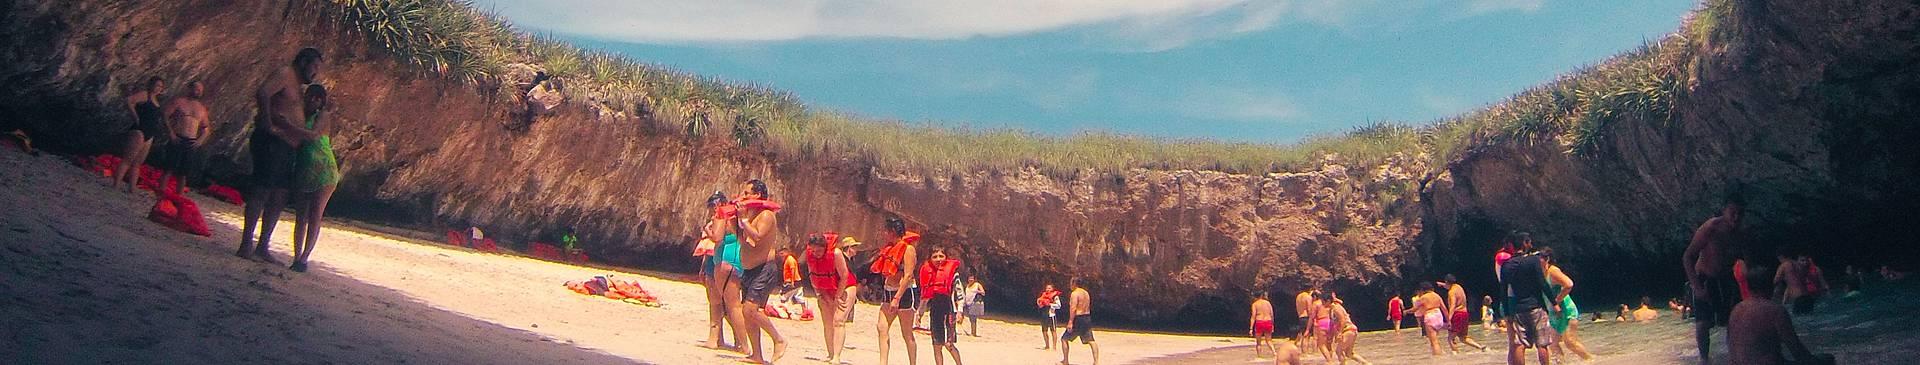 Viaggi in Messico in estate